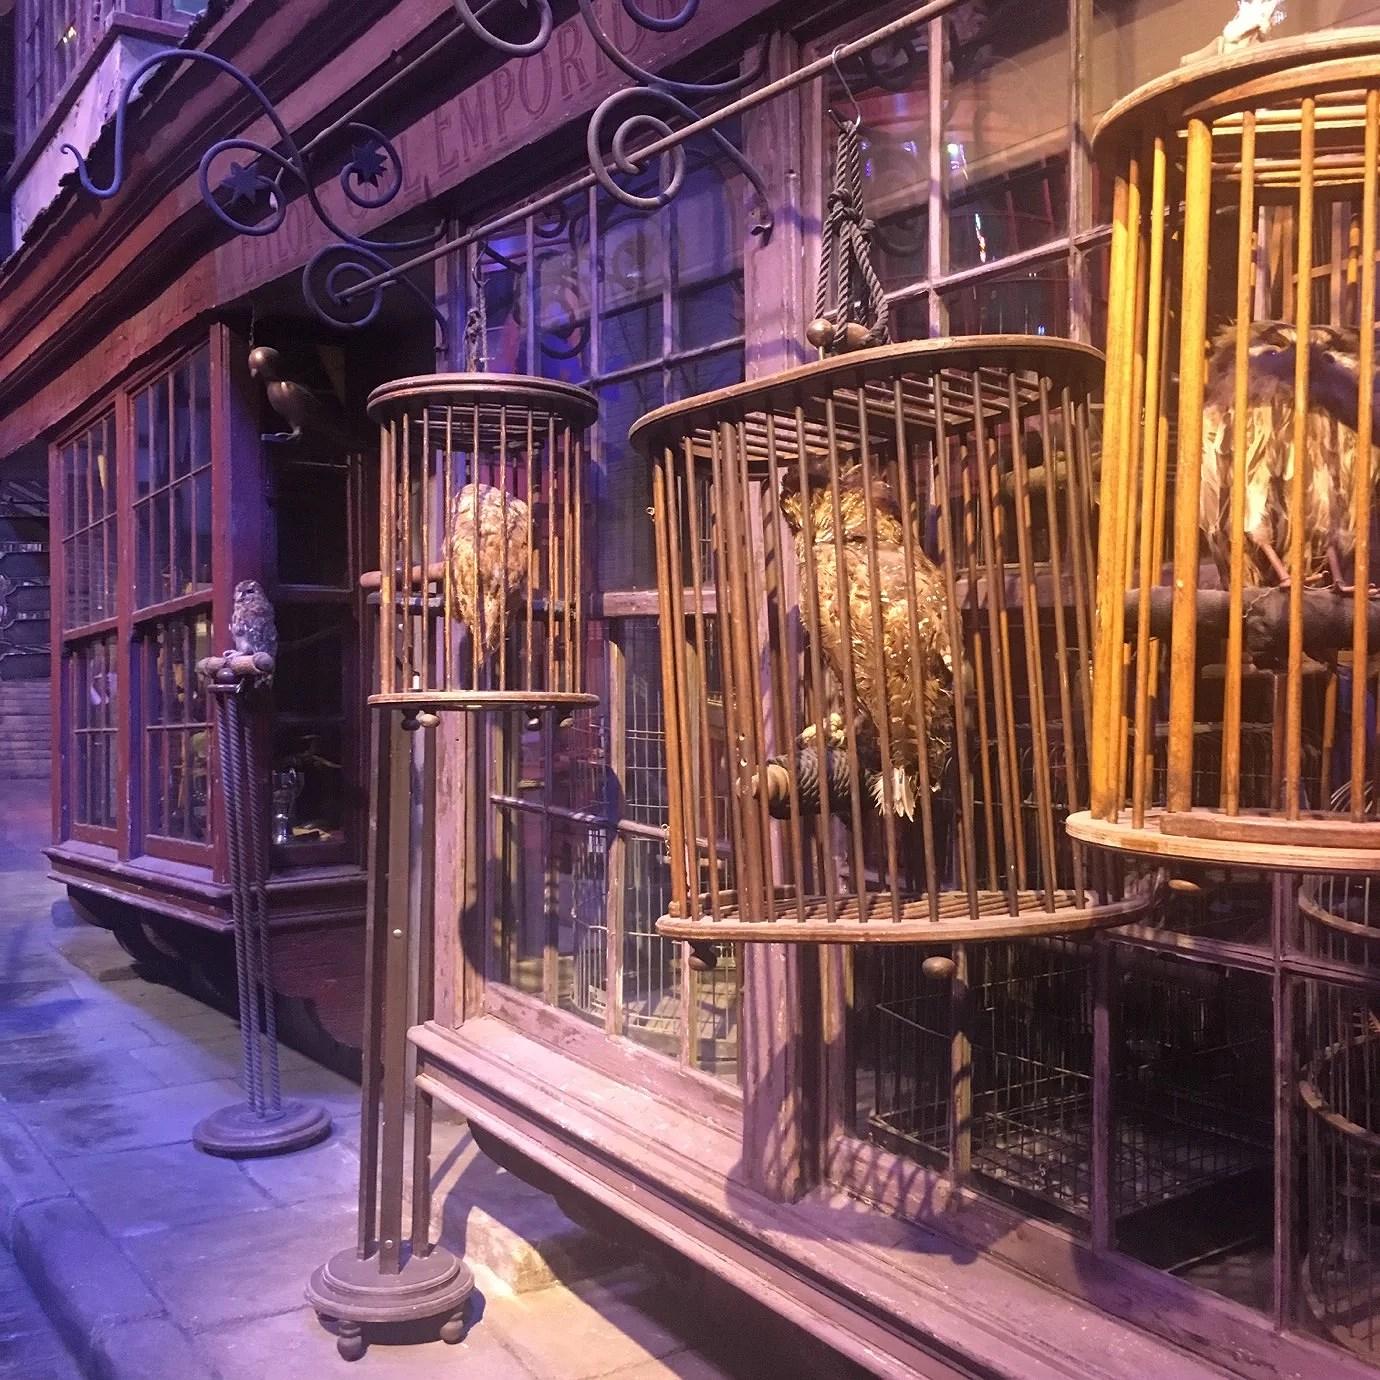 Harry Potter studio 3pic's